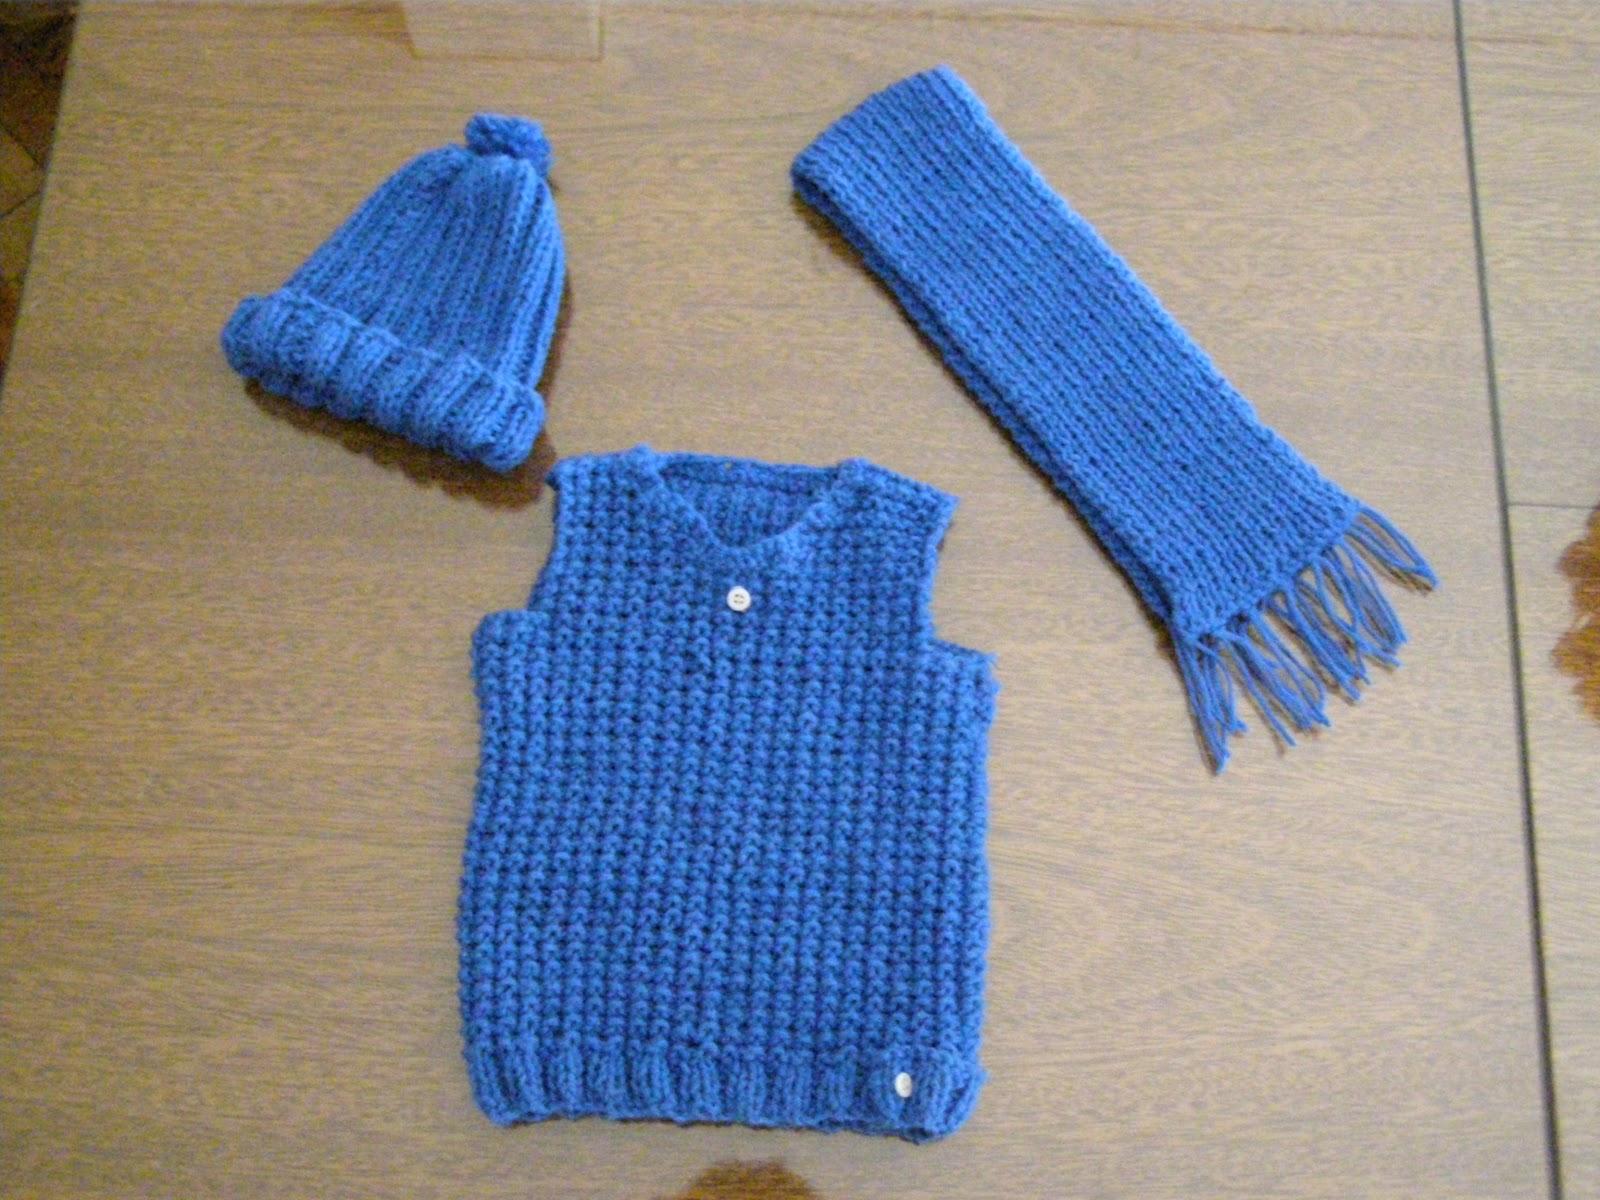 zapatillas de deporte para baratas c53f5 4d416 EL ATELIER DEL TEJIDO: Gorro – bufanda y chaleco para bebé ...